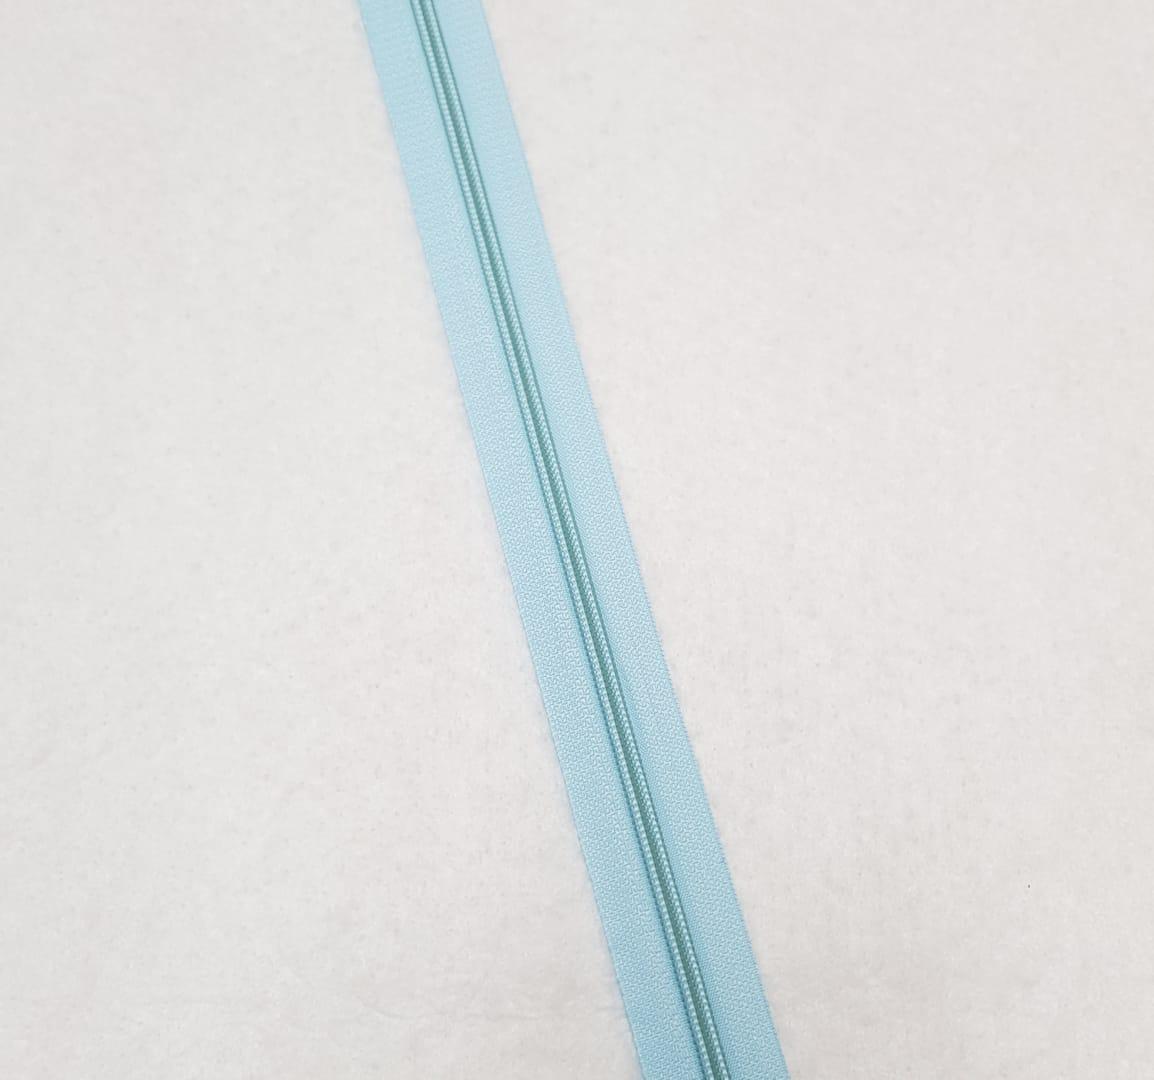 Zíper - ZR - 5mm - Azul claro